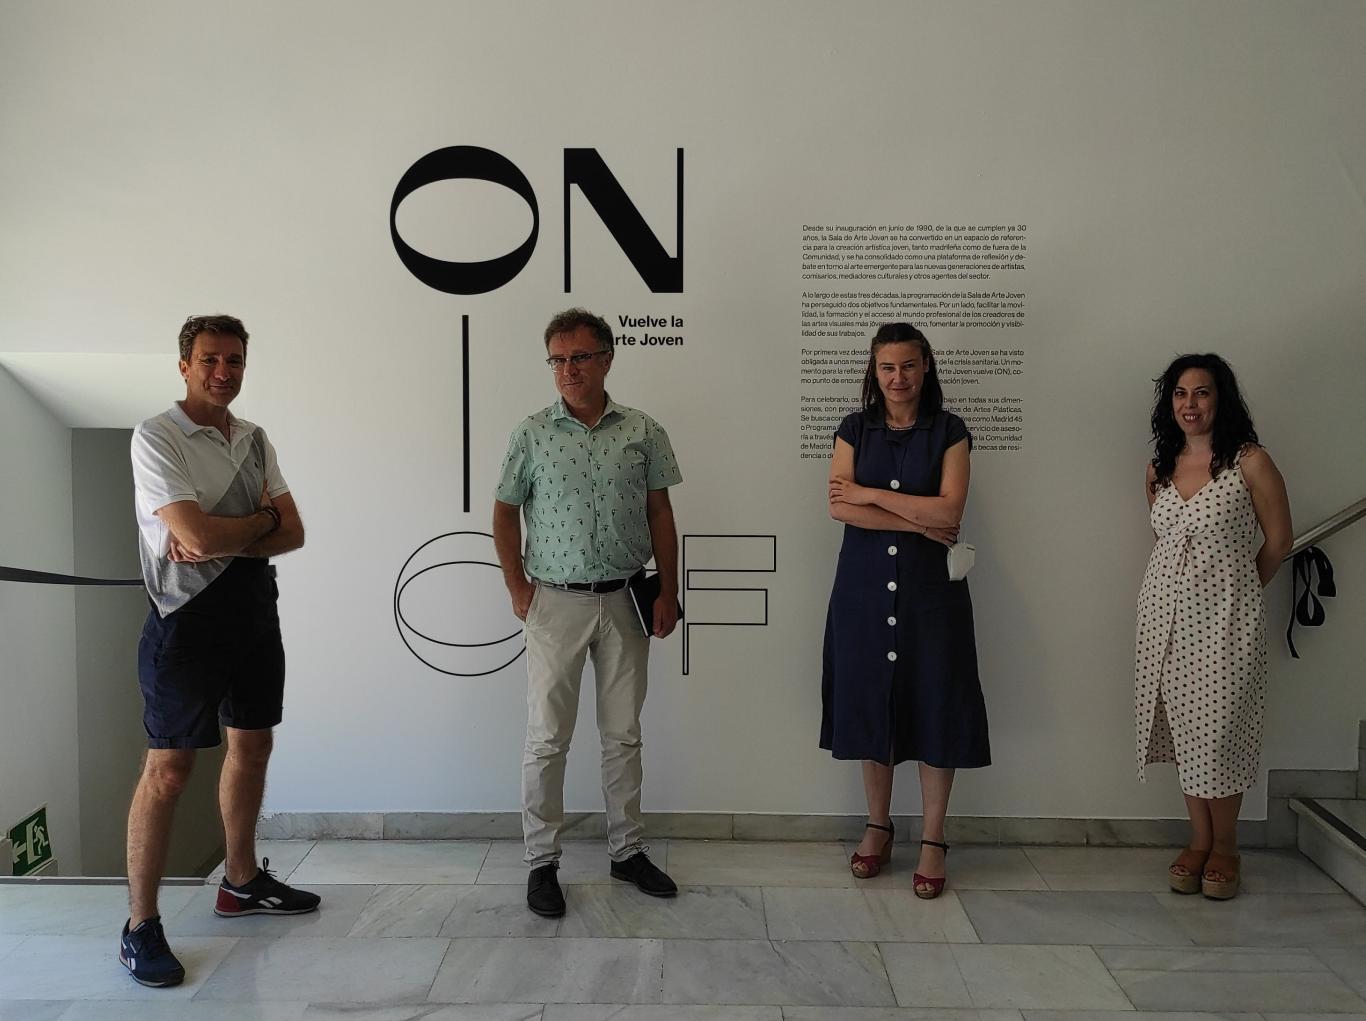 Foto de grupo de Cristina Lucas, Mateo Maté, Óscar Alonso Molina y Emma Trinidad.